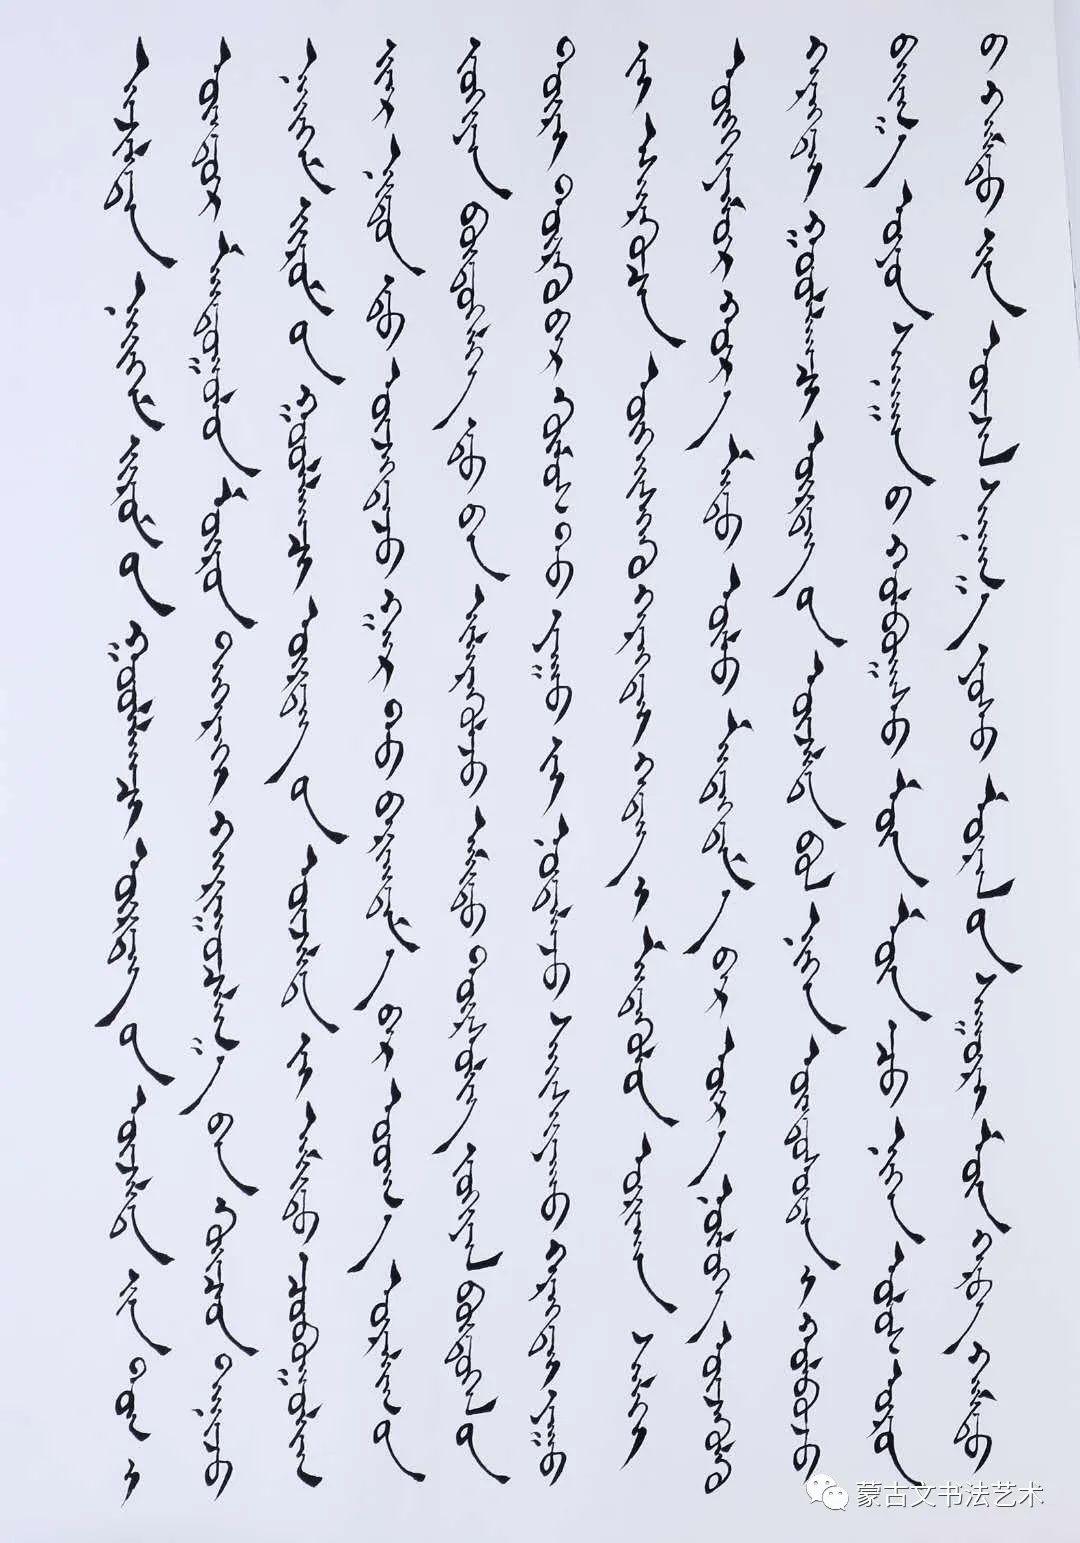 阿拉坦苏那嘎蒙古文书法 第7张 阿拉坦苏那嘎蒙古文书法 蒙古书法